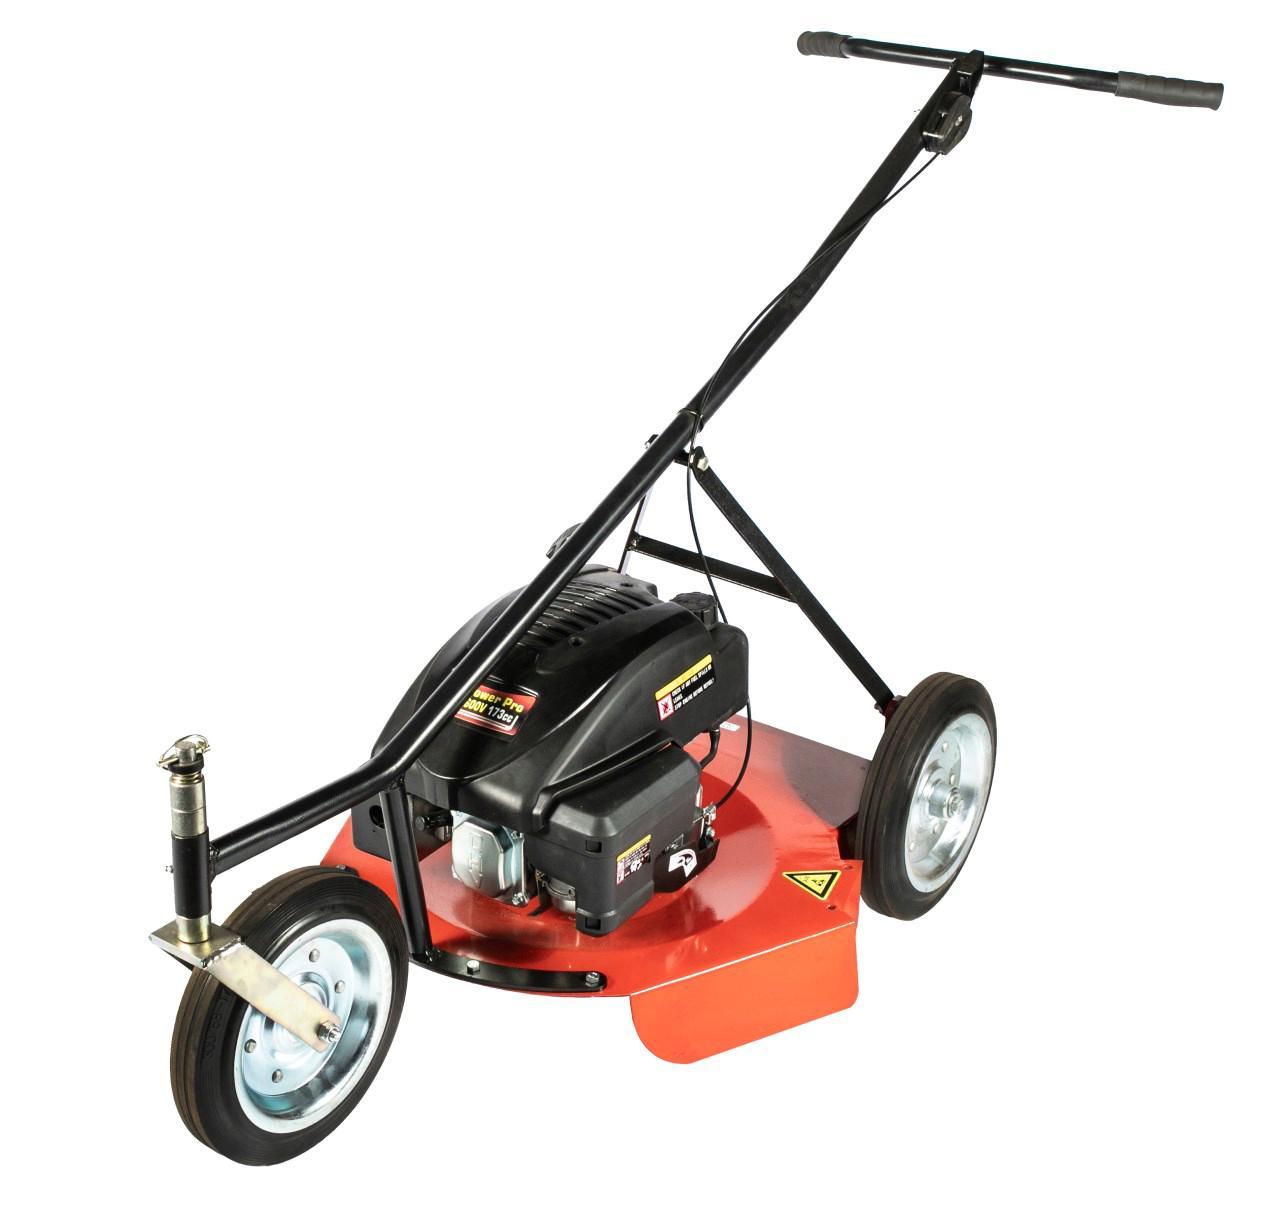 Estatemaster 3 Wheeler 6hp 170cc Power Pro engine lawnmower grass cutter